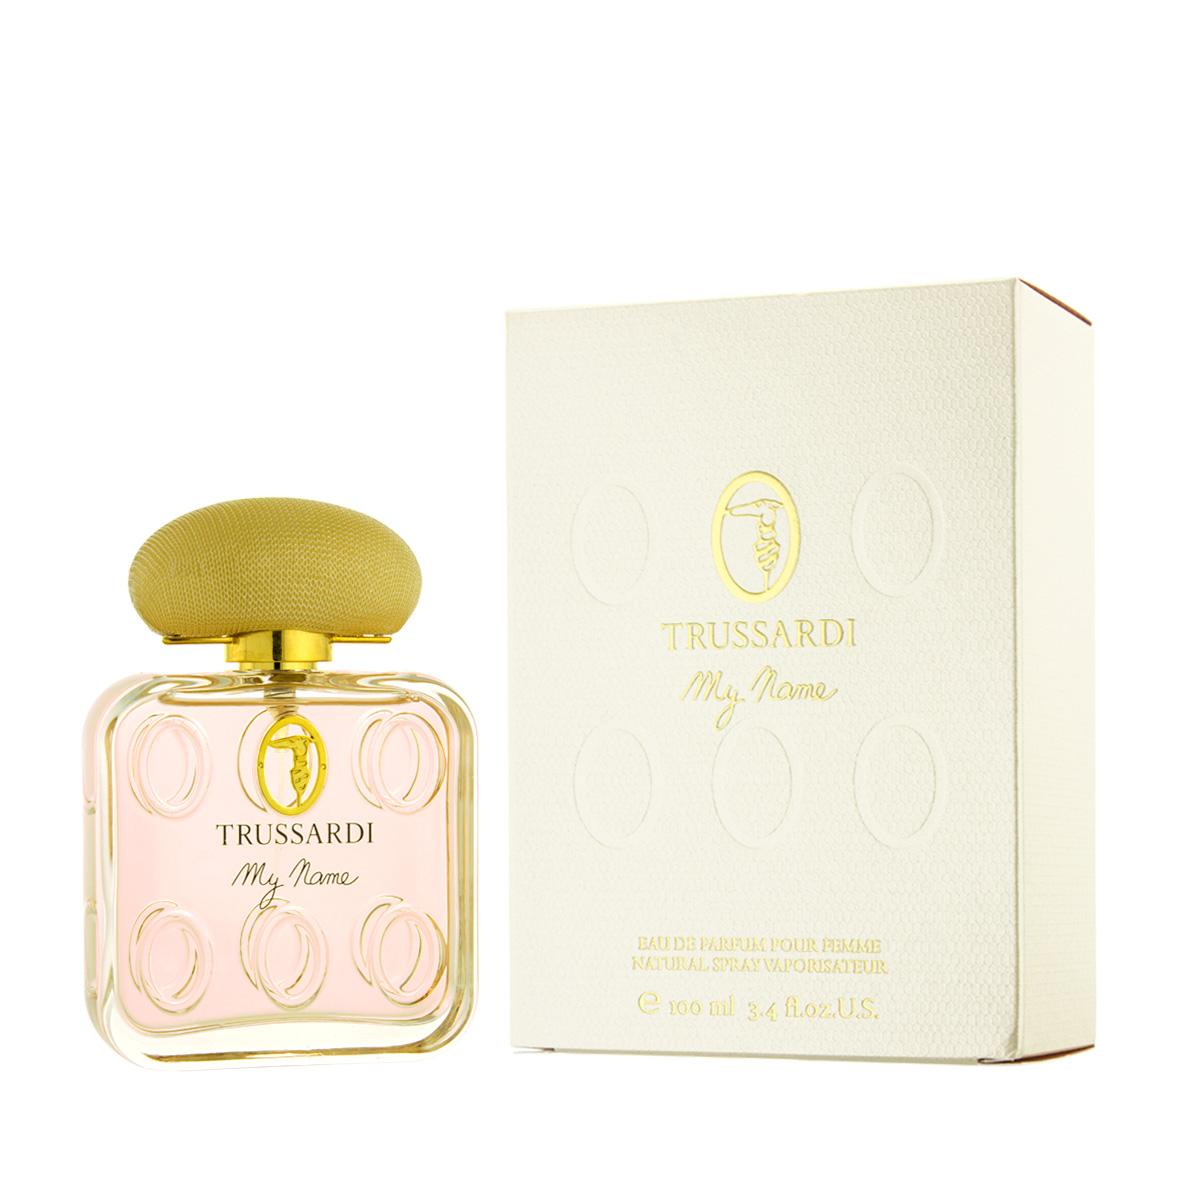 Trussardi My Name Eau De Parfum 100 ml (woman) 74165